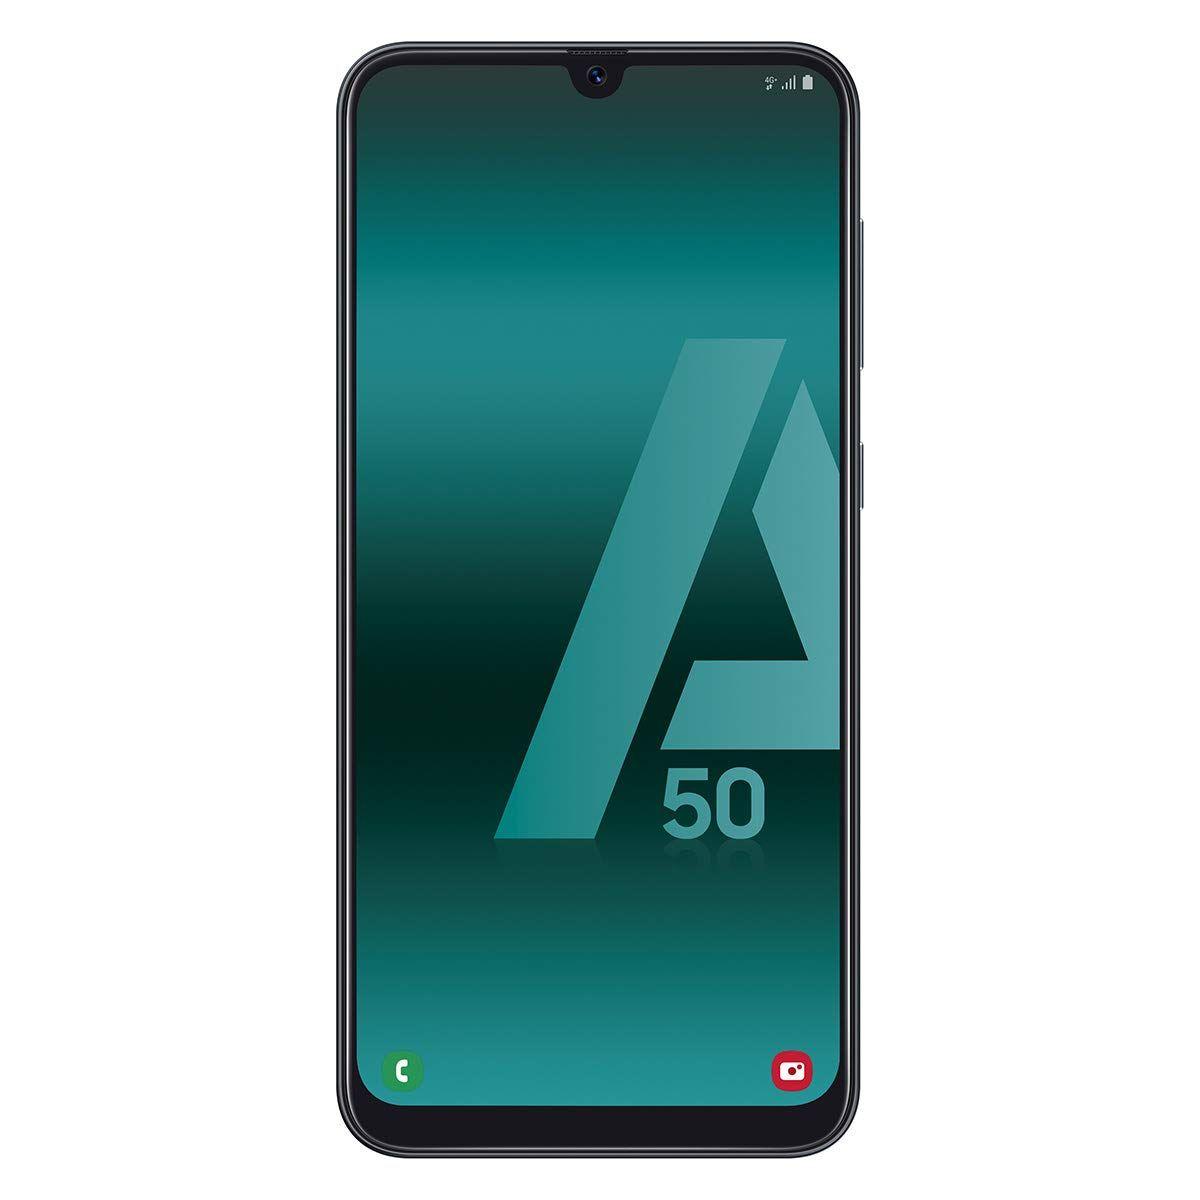 Samsung Galaxy A50 - 4 GB RAM, 128 GB ROM Precio: 287,95 € & Envío GRATIS Ahorras: 61,05 € (17%)  https://buff.ly/2ESpAoR  #megaofertas #todosobremovil #FelizMiercoles #Verano2020 #SamsungEvent #ChiringuitoCasillas #ULTIMAHORA #OlaDeCalor #mascarilla #COVID__19pic.twitter.com/16dACpdxKo